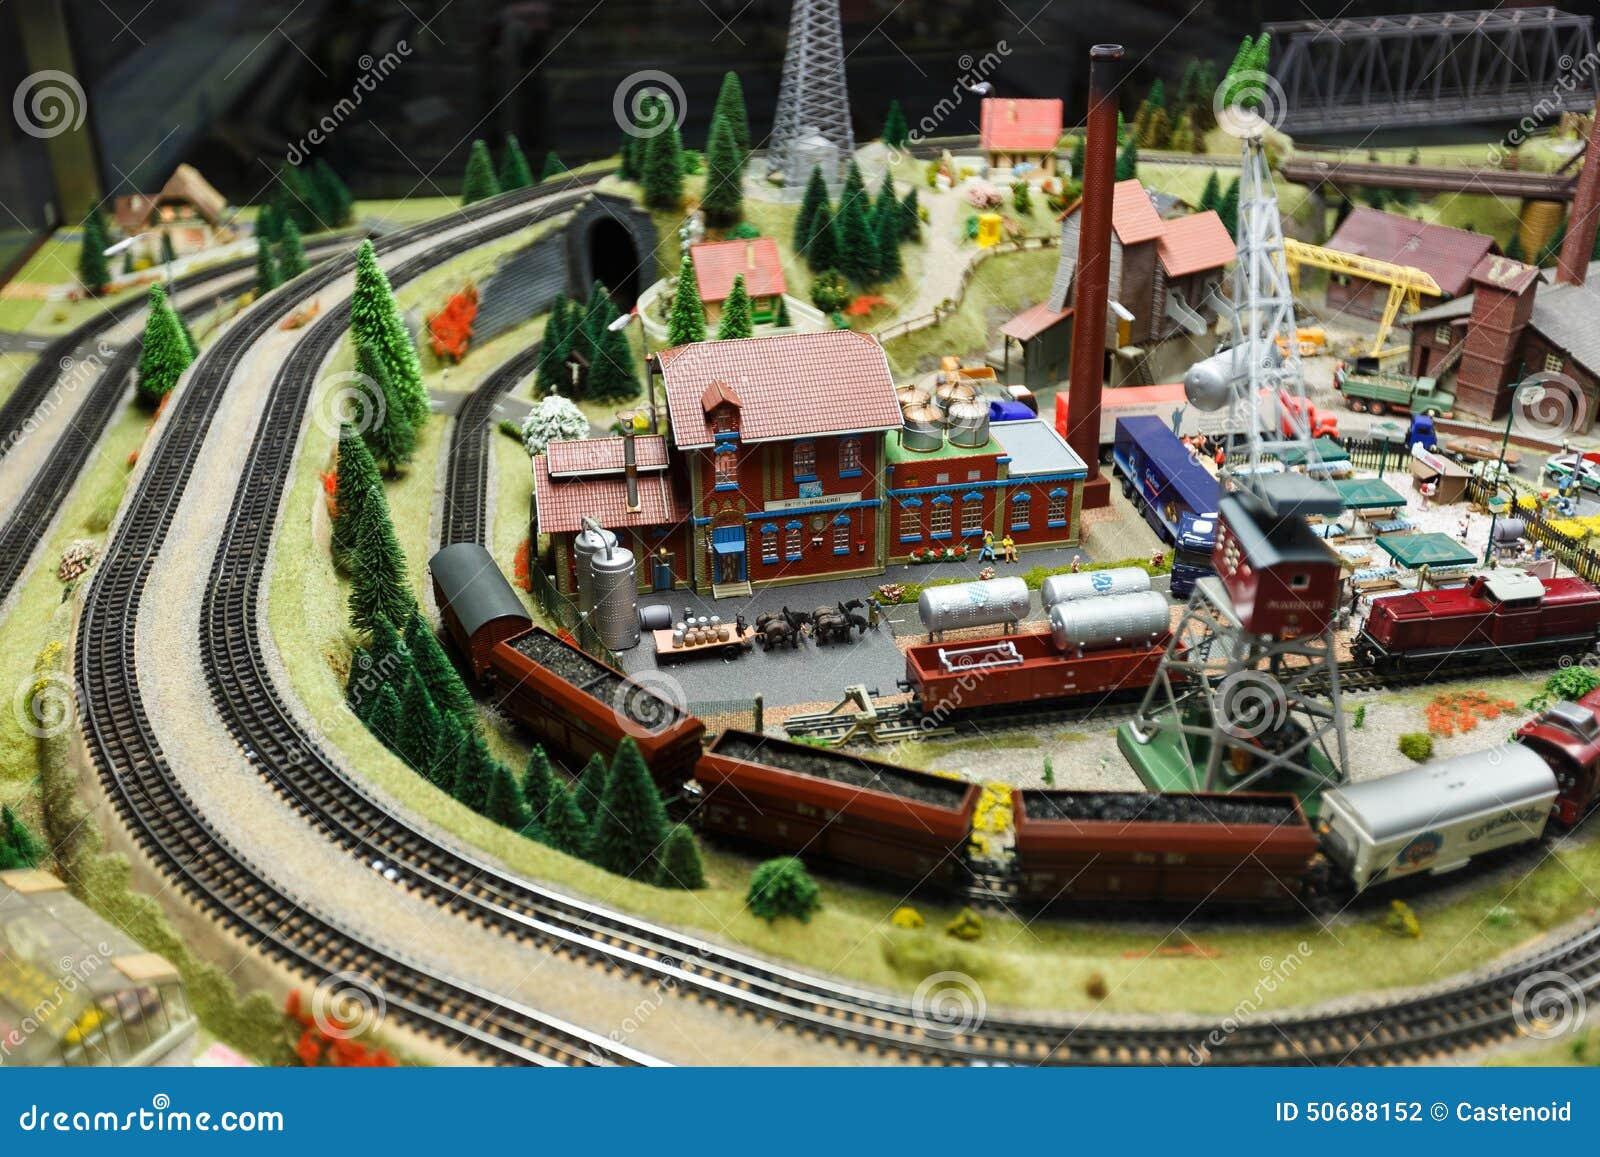 Download 式样铁路看法在德累斯顿 图库摄影片. 图片 包括有 设计, 测量仪, 汽车, 运费, 业余爱好, 德国, 格式 - 50688152